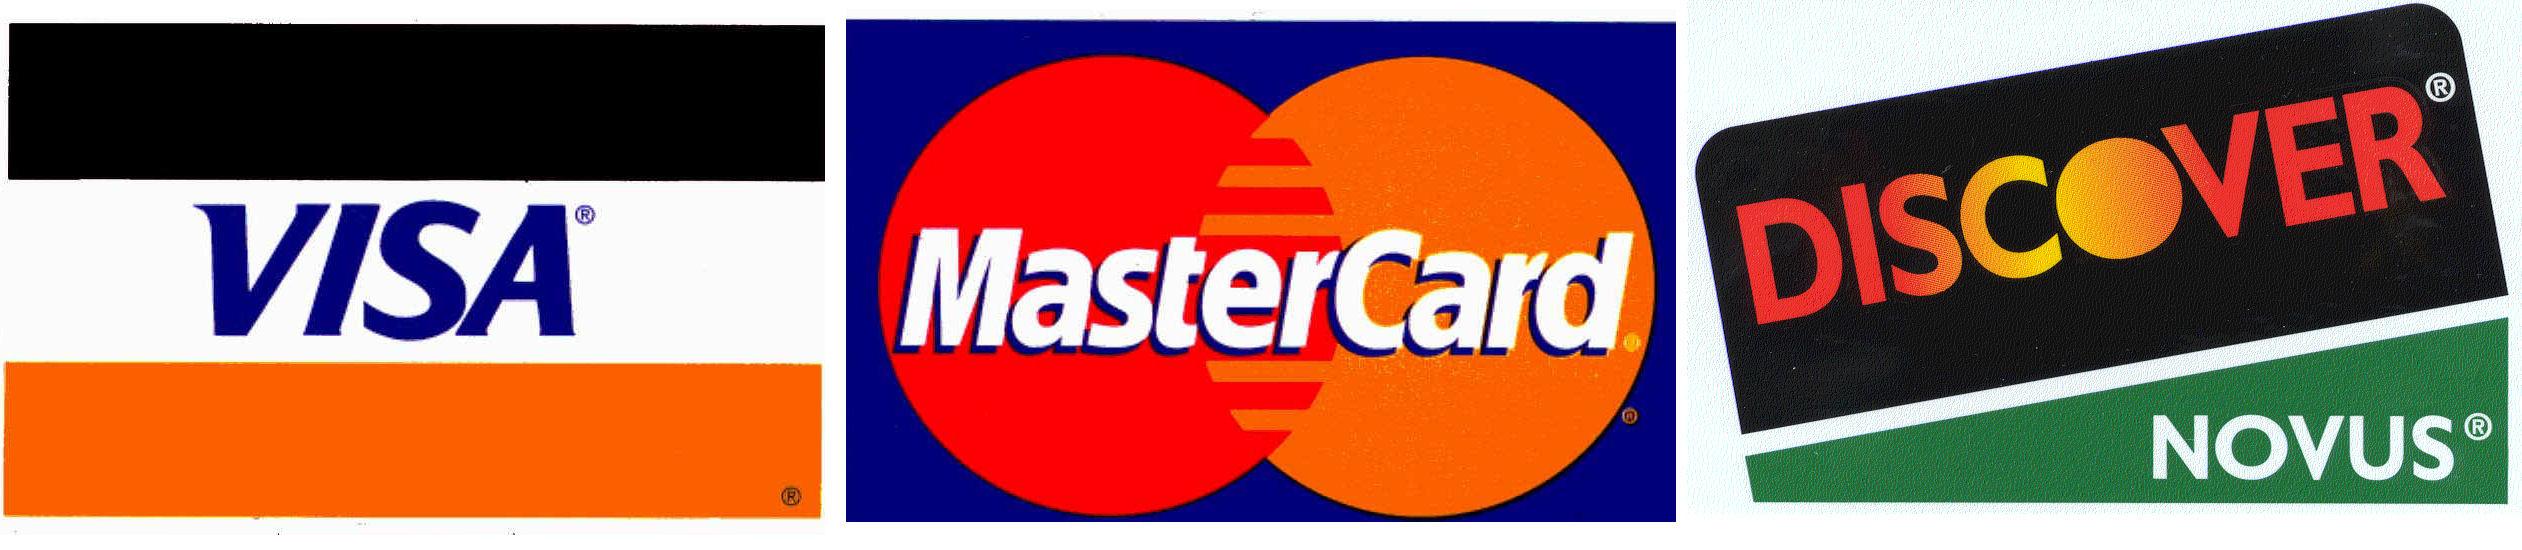 Saute vent pour fatbob - Page 4 Visa_mastercard_discover_logo